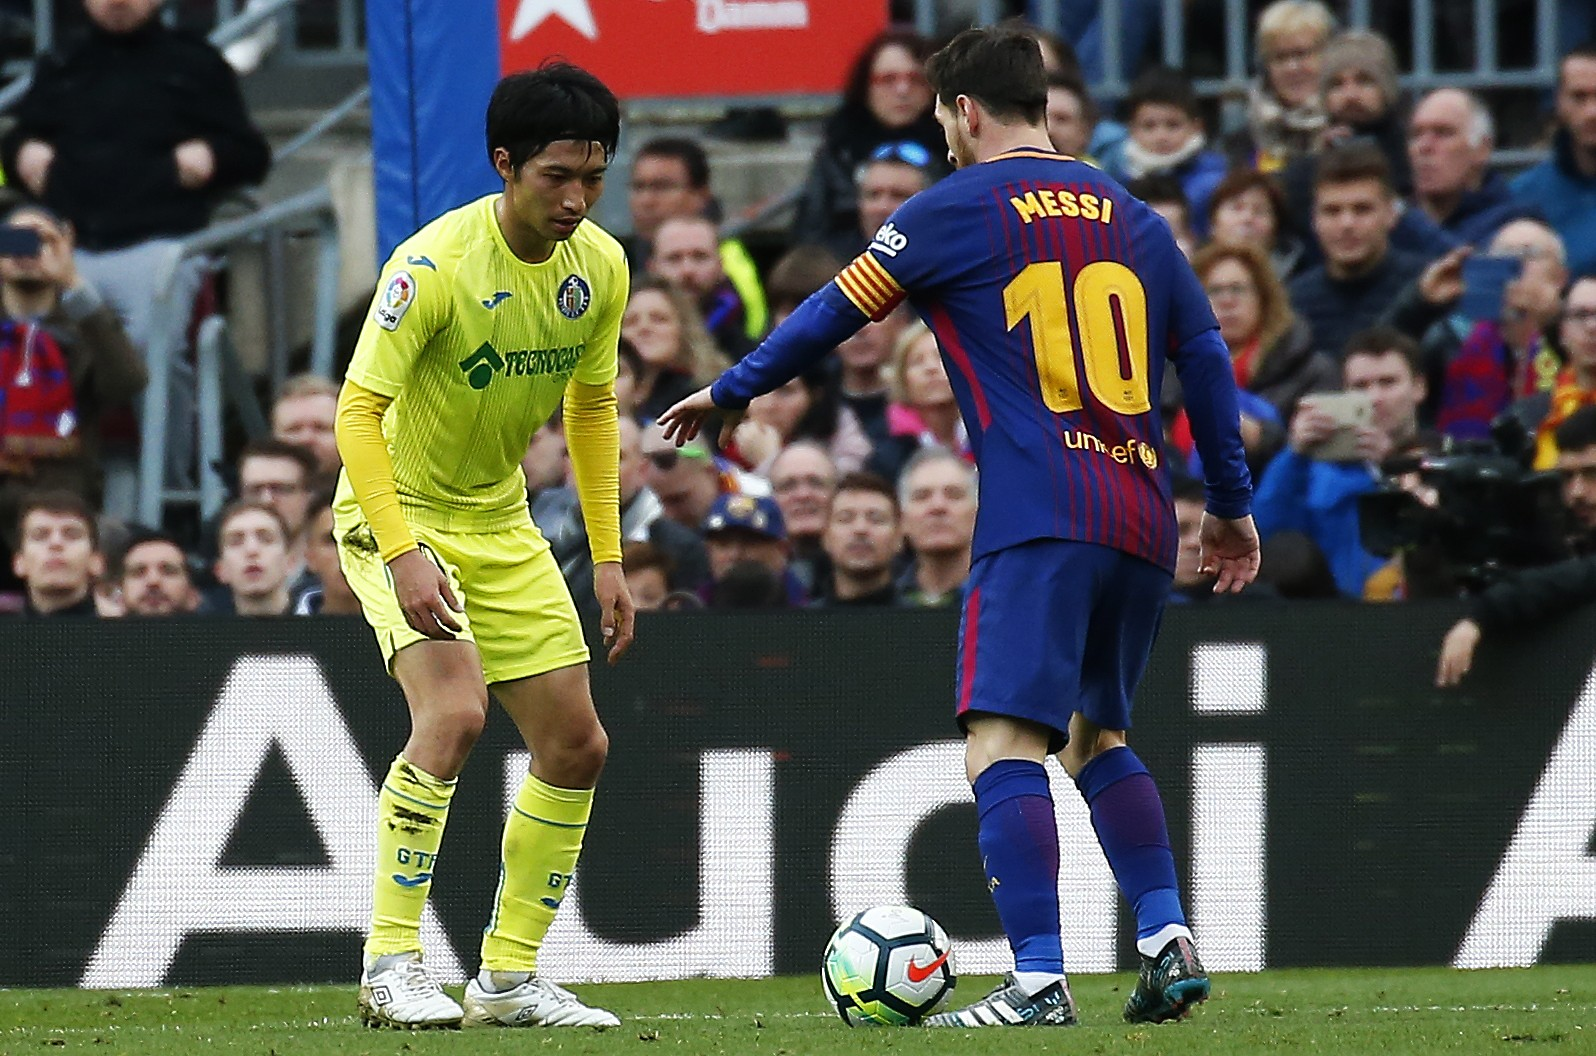 Rencontre joueurs fc barcelone